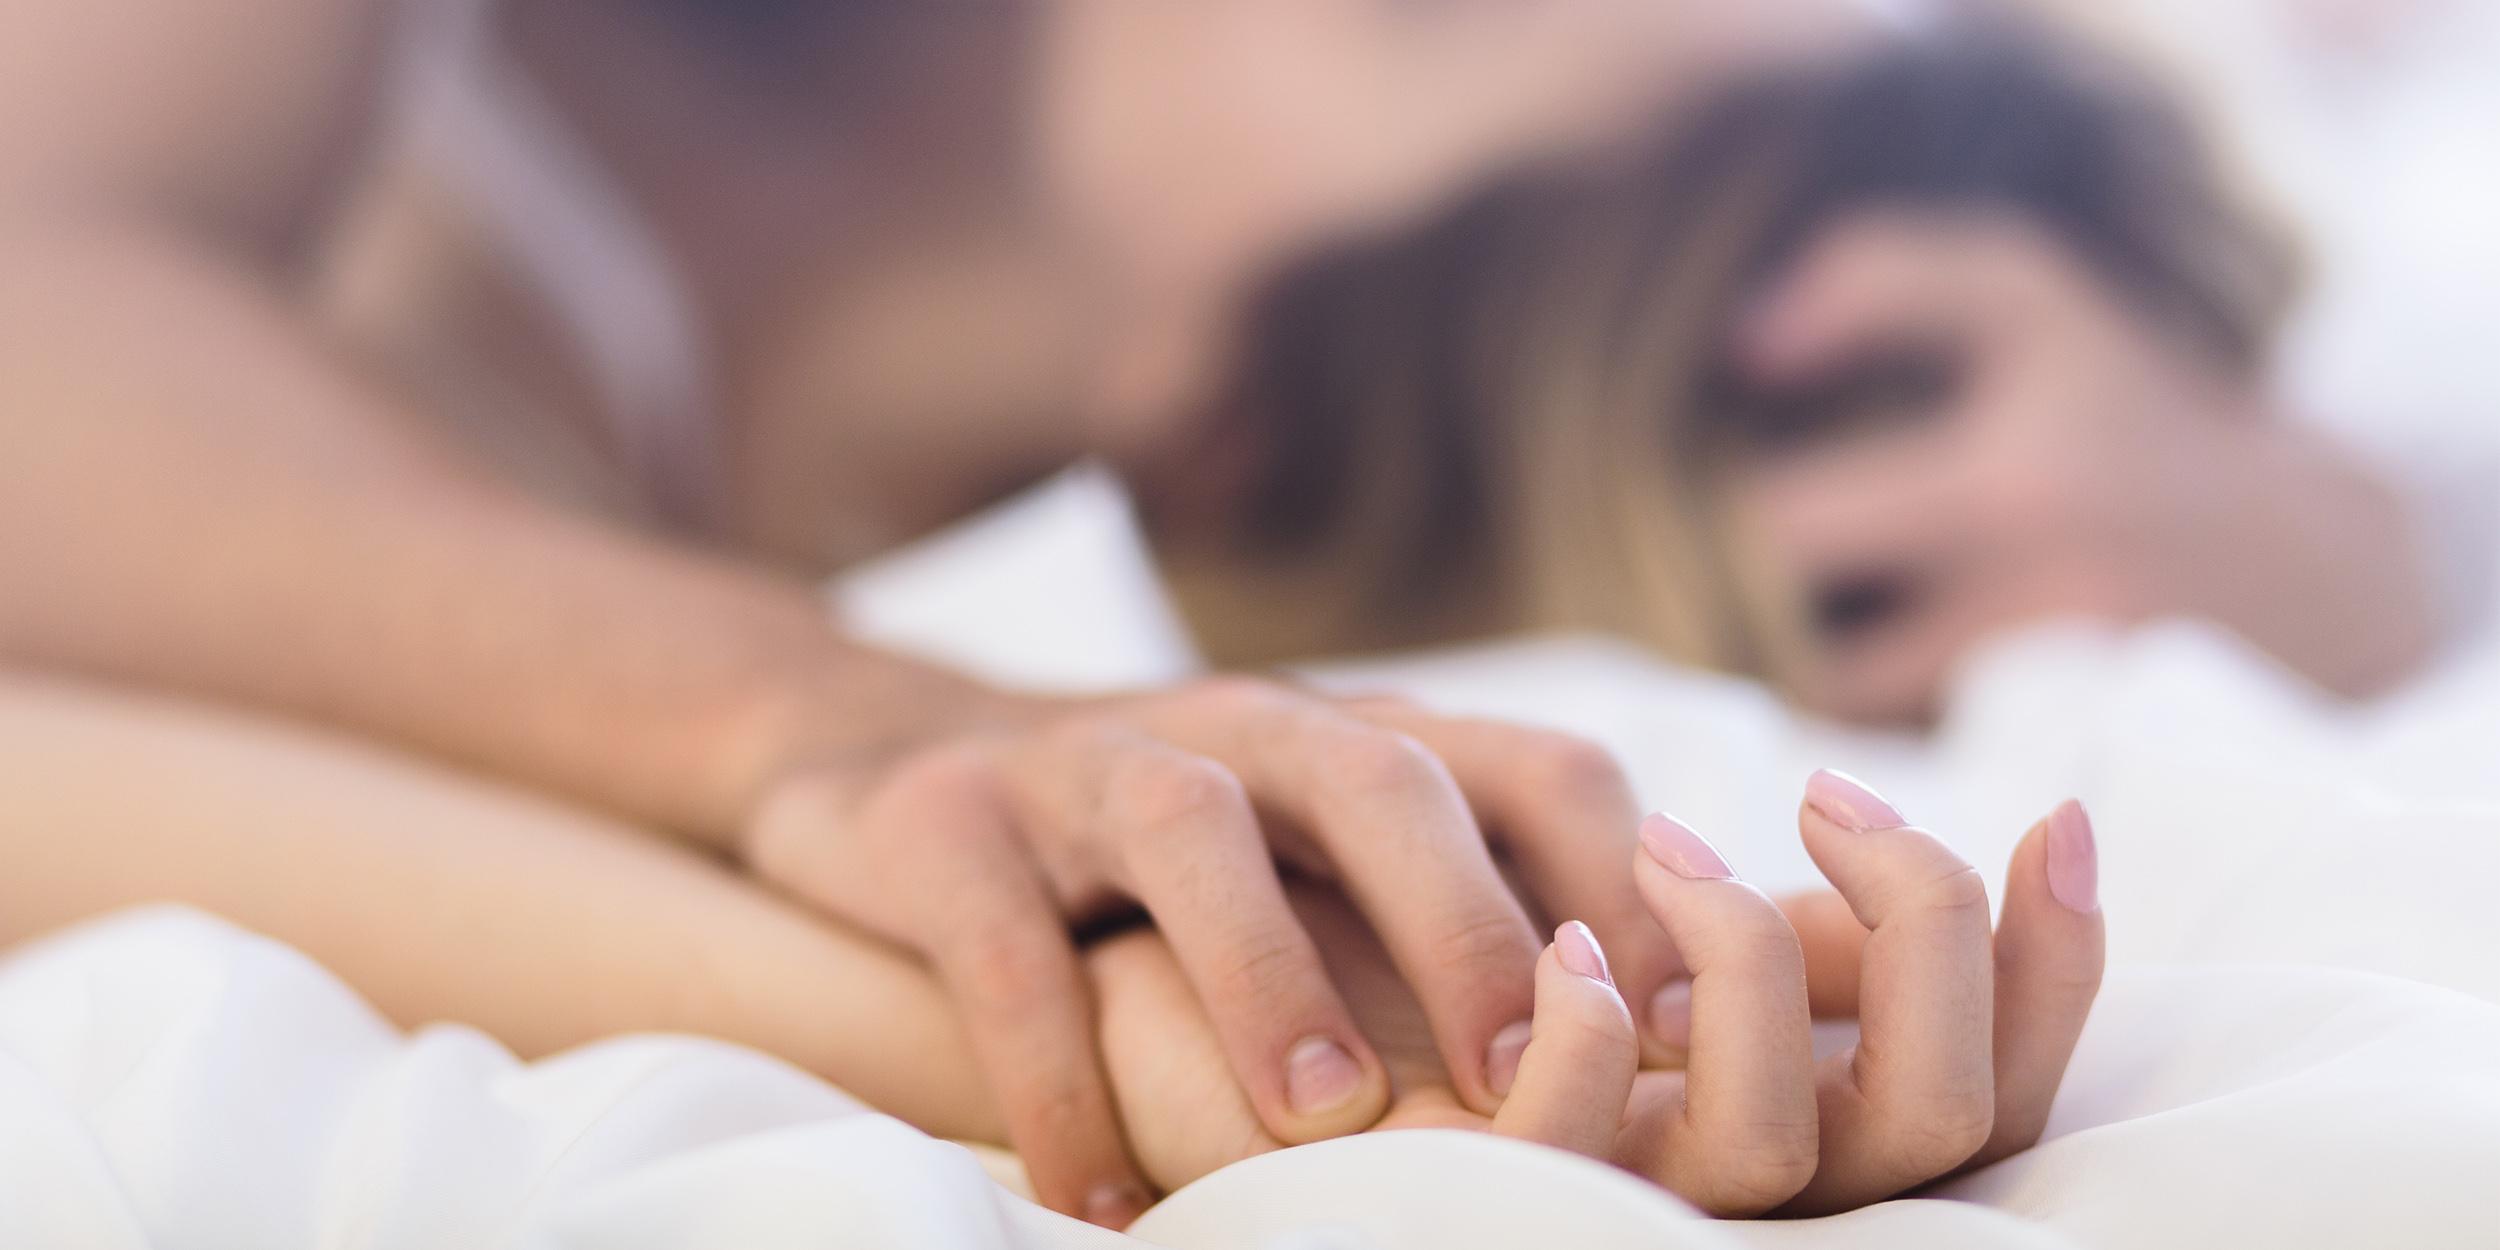 Может ли G-Shot улучшить вашу сексуальную жизнь?